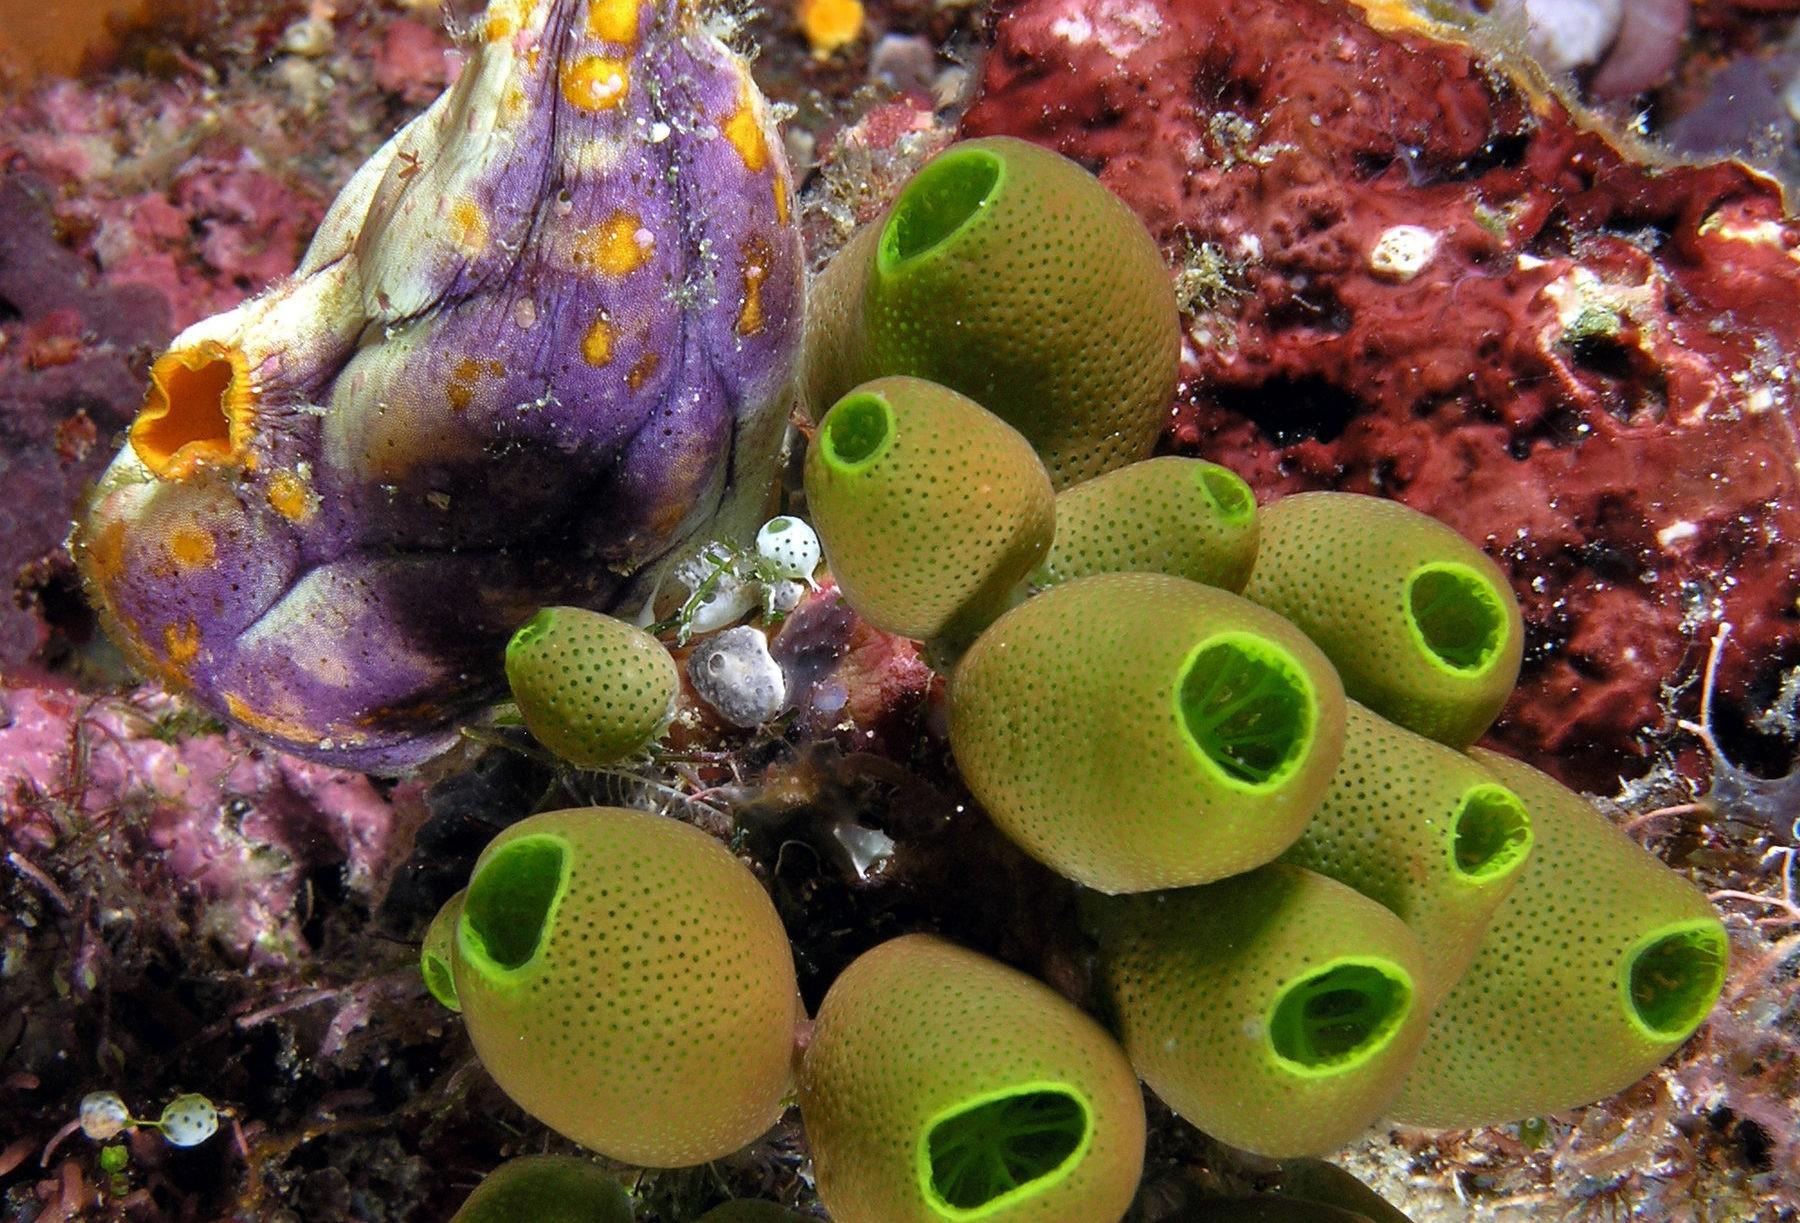 Les bisphénols issus des microplastiques affectent le cerveau – et il y en a de plus en plus dans l'océan